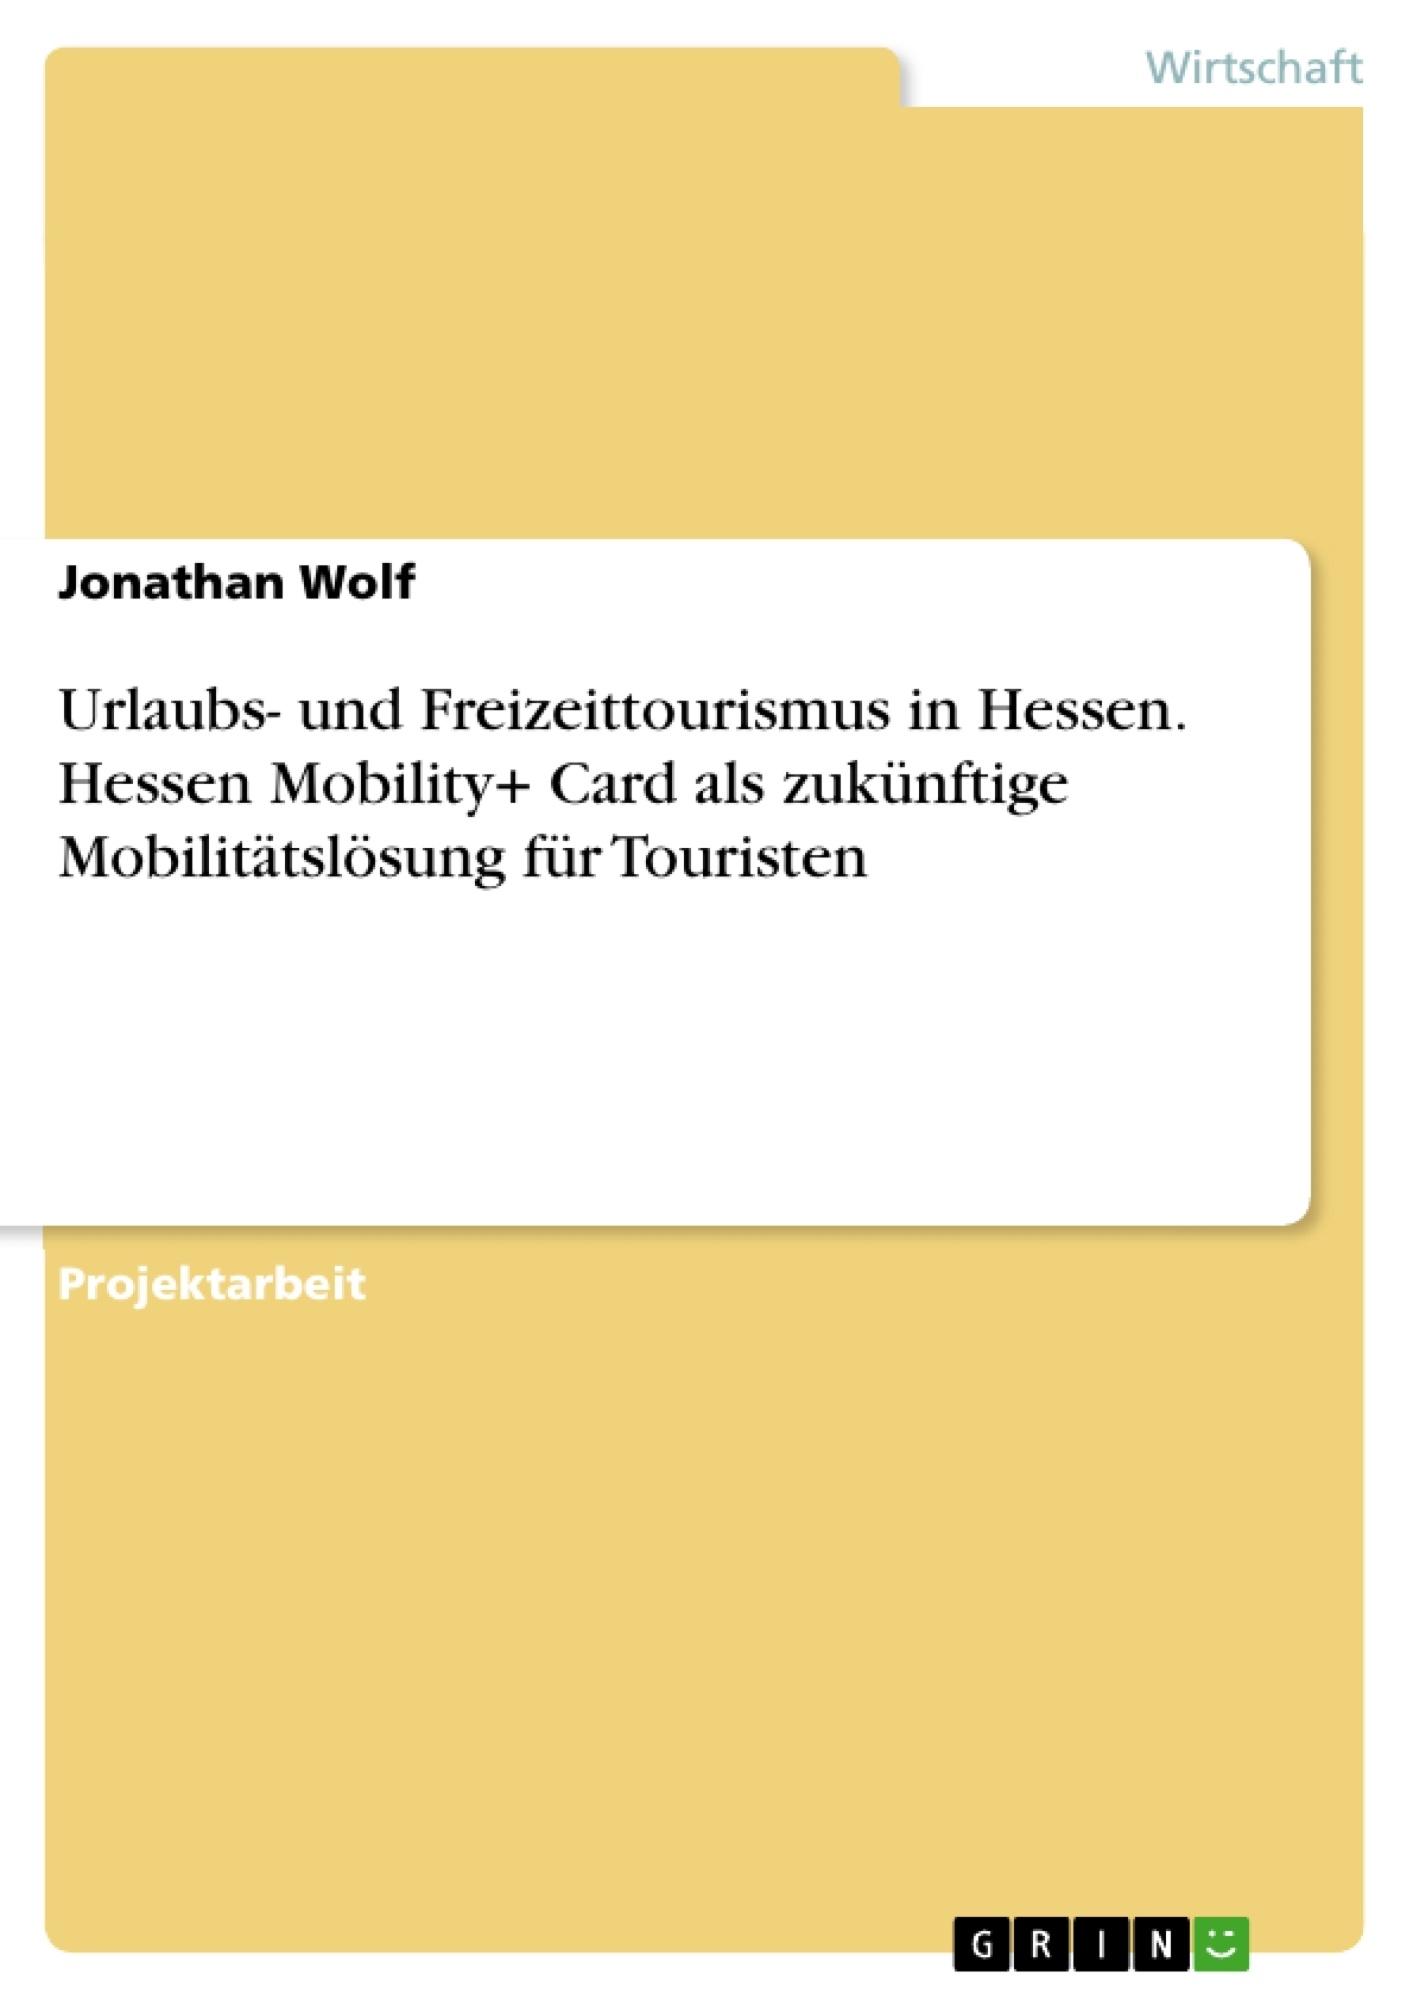 Titel: Urlaubs- und Freizeittourismus in Hessen. Hessen Mobility+ Card als zukünftige Mobilitätslösung für Touristen